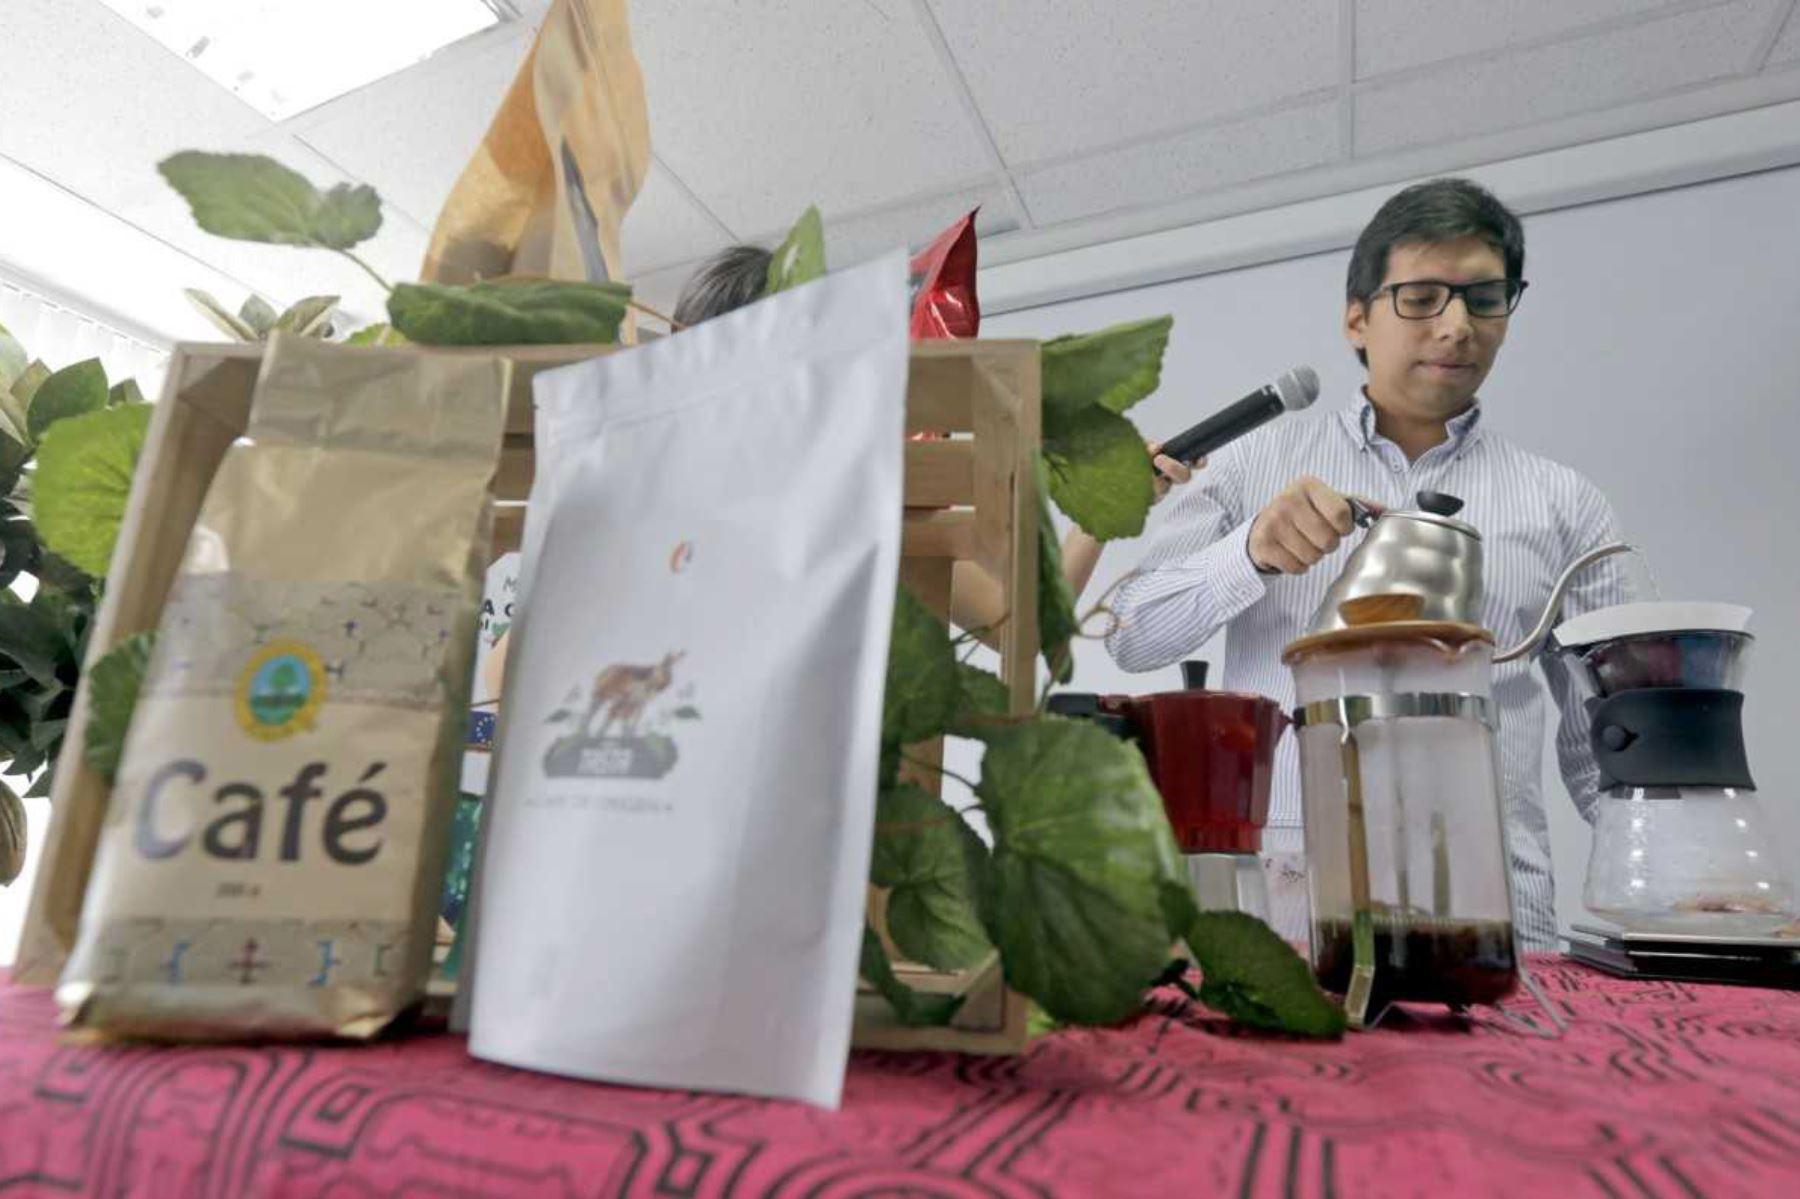 Devida y empresa peruana de venta minorista Café Urbano fomentan el consumo interno del café peruano